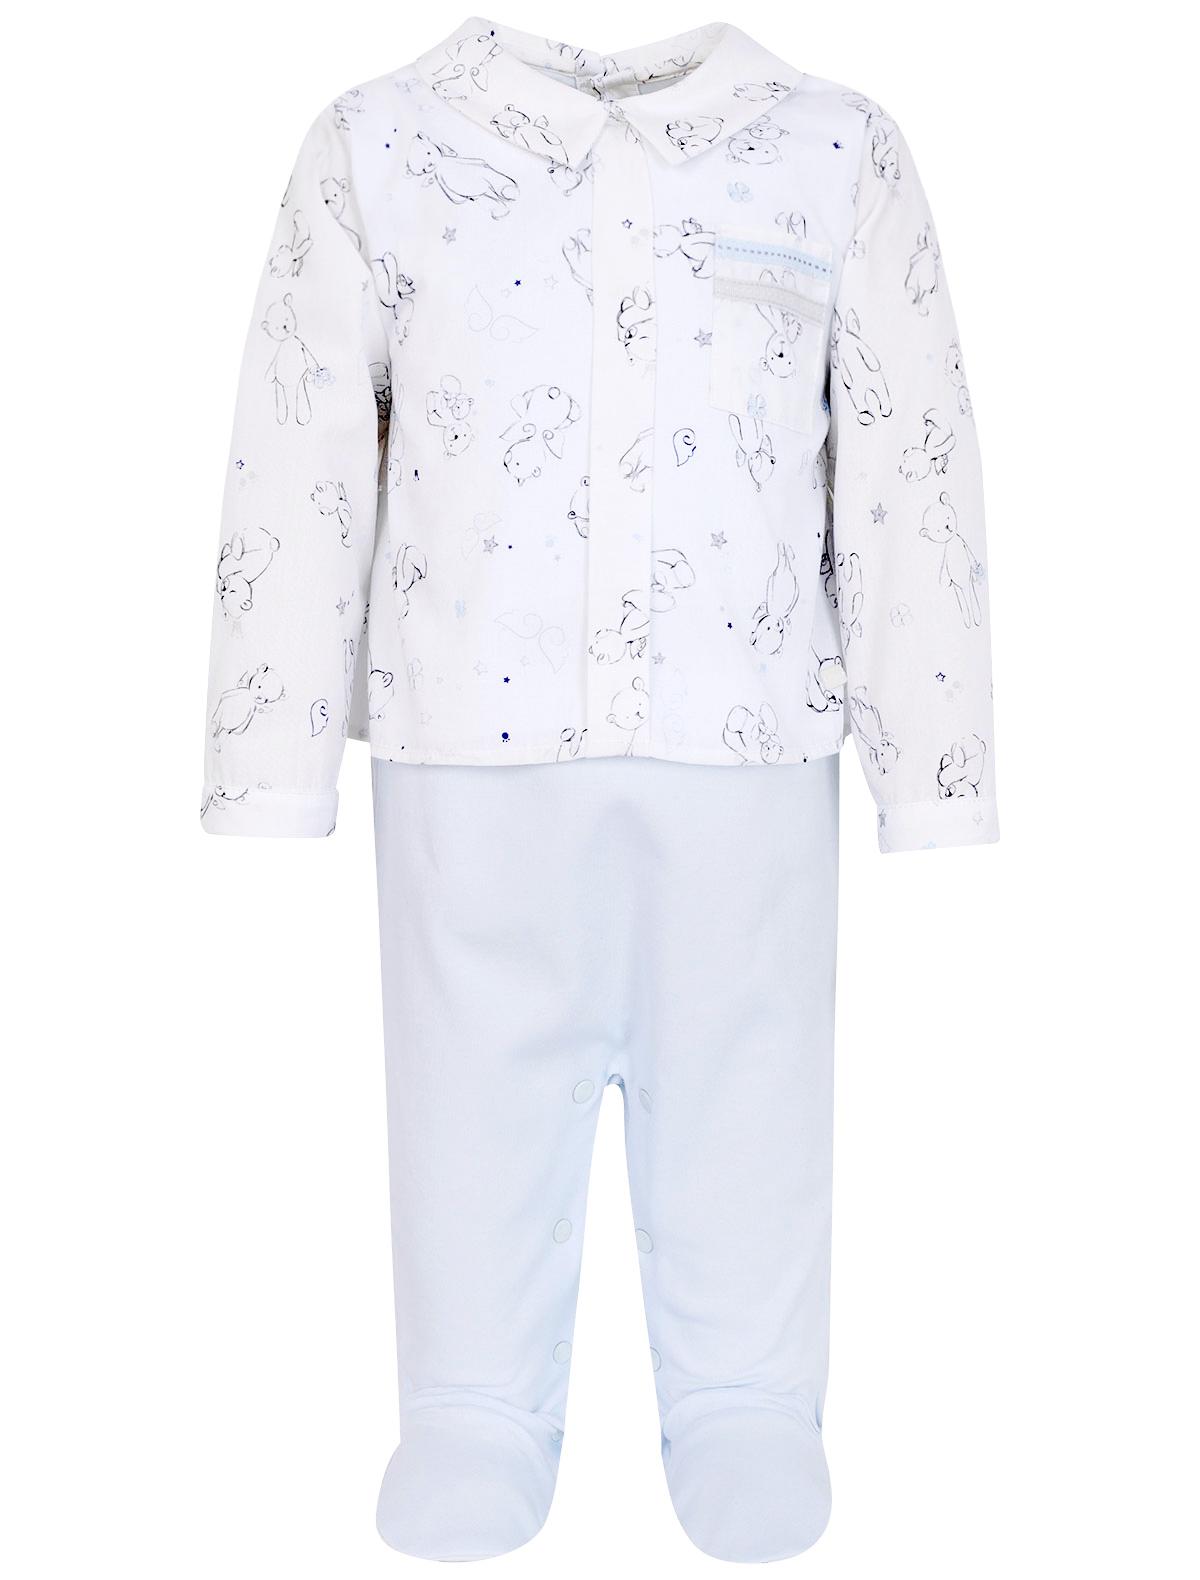 Купить 1955916, Комбинезон Dior, разноцветный, Мужской, 1283019970987